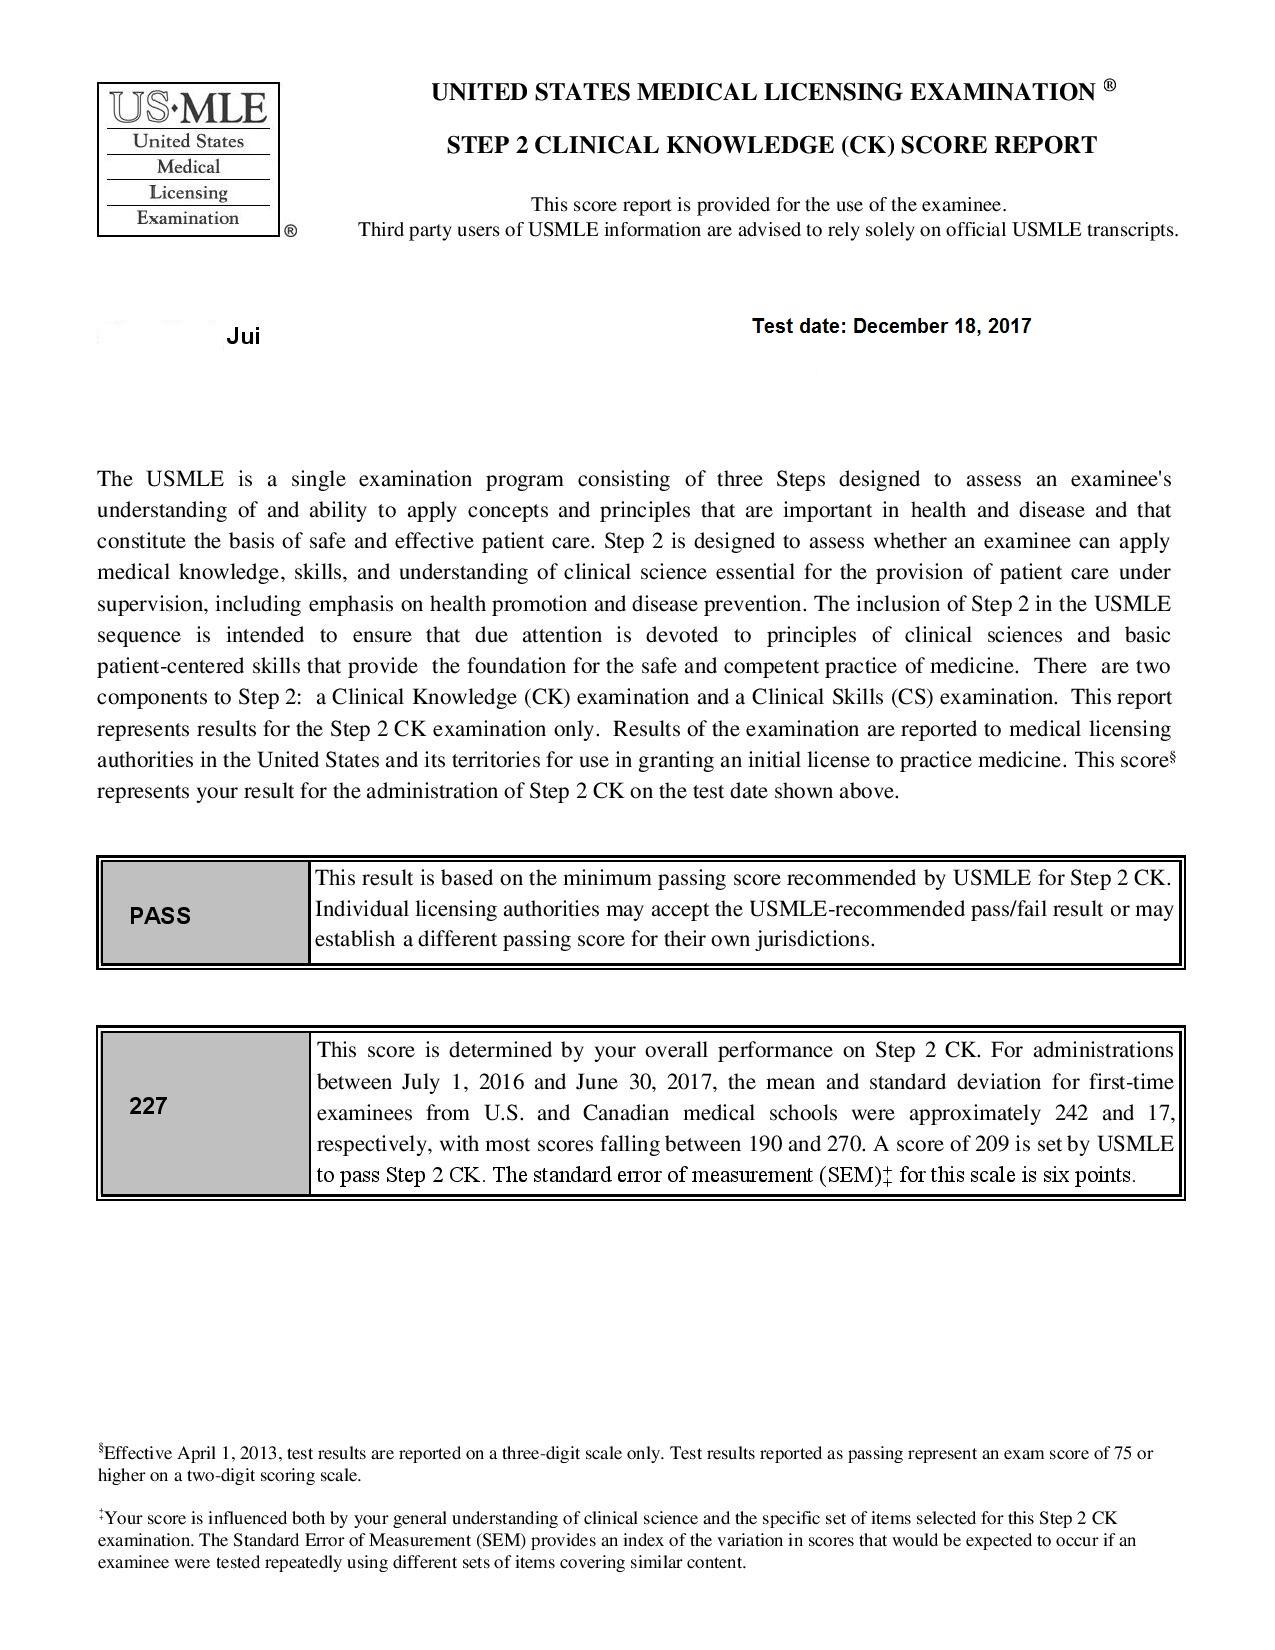 USMLE Step 2 CK | Step 2 CK Study Classes | USMLE Global, LLC